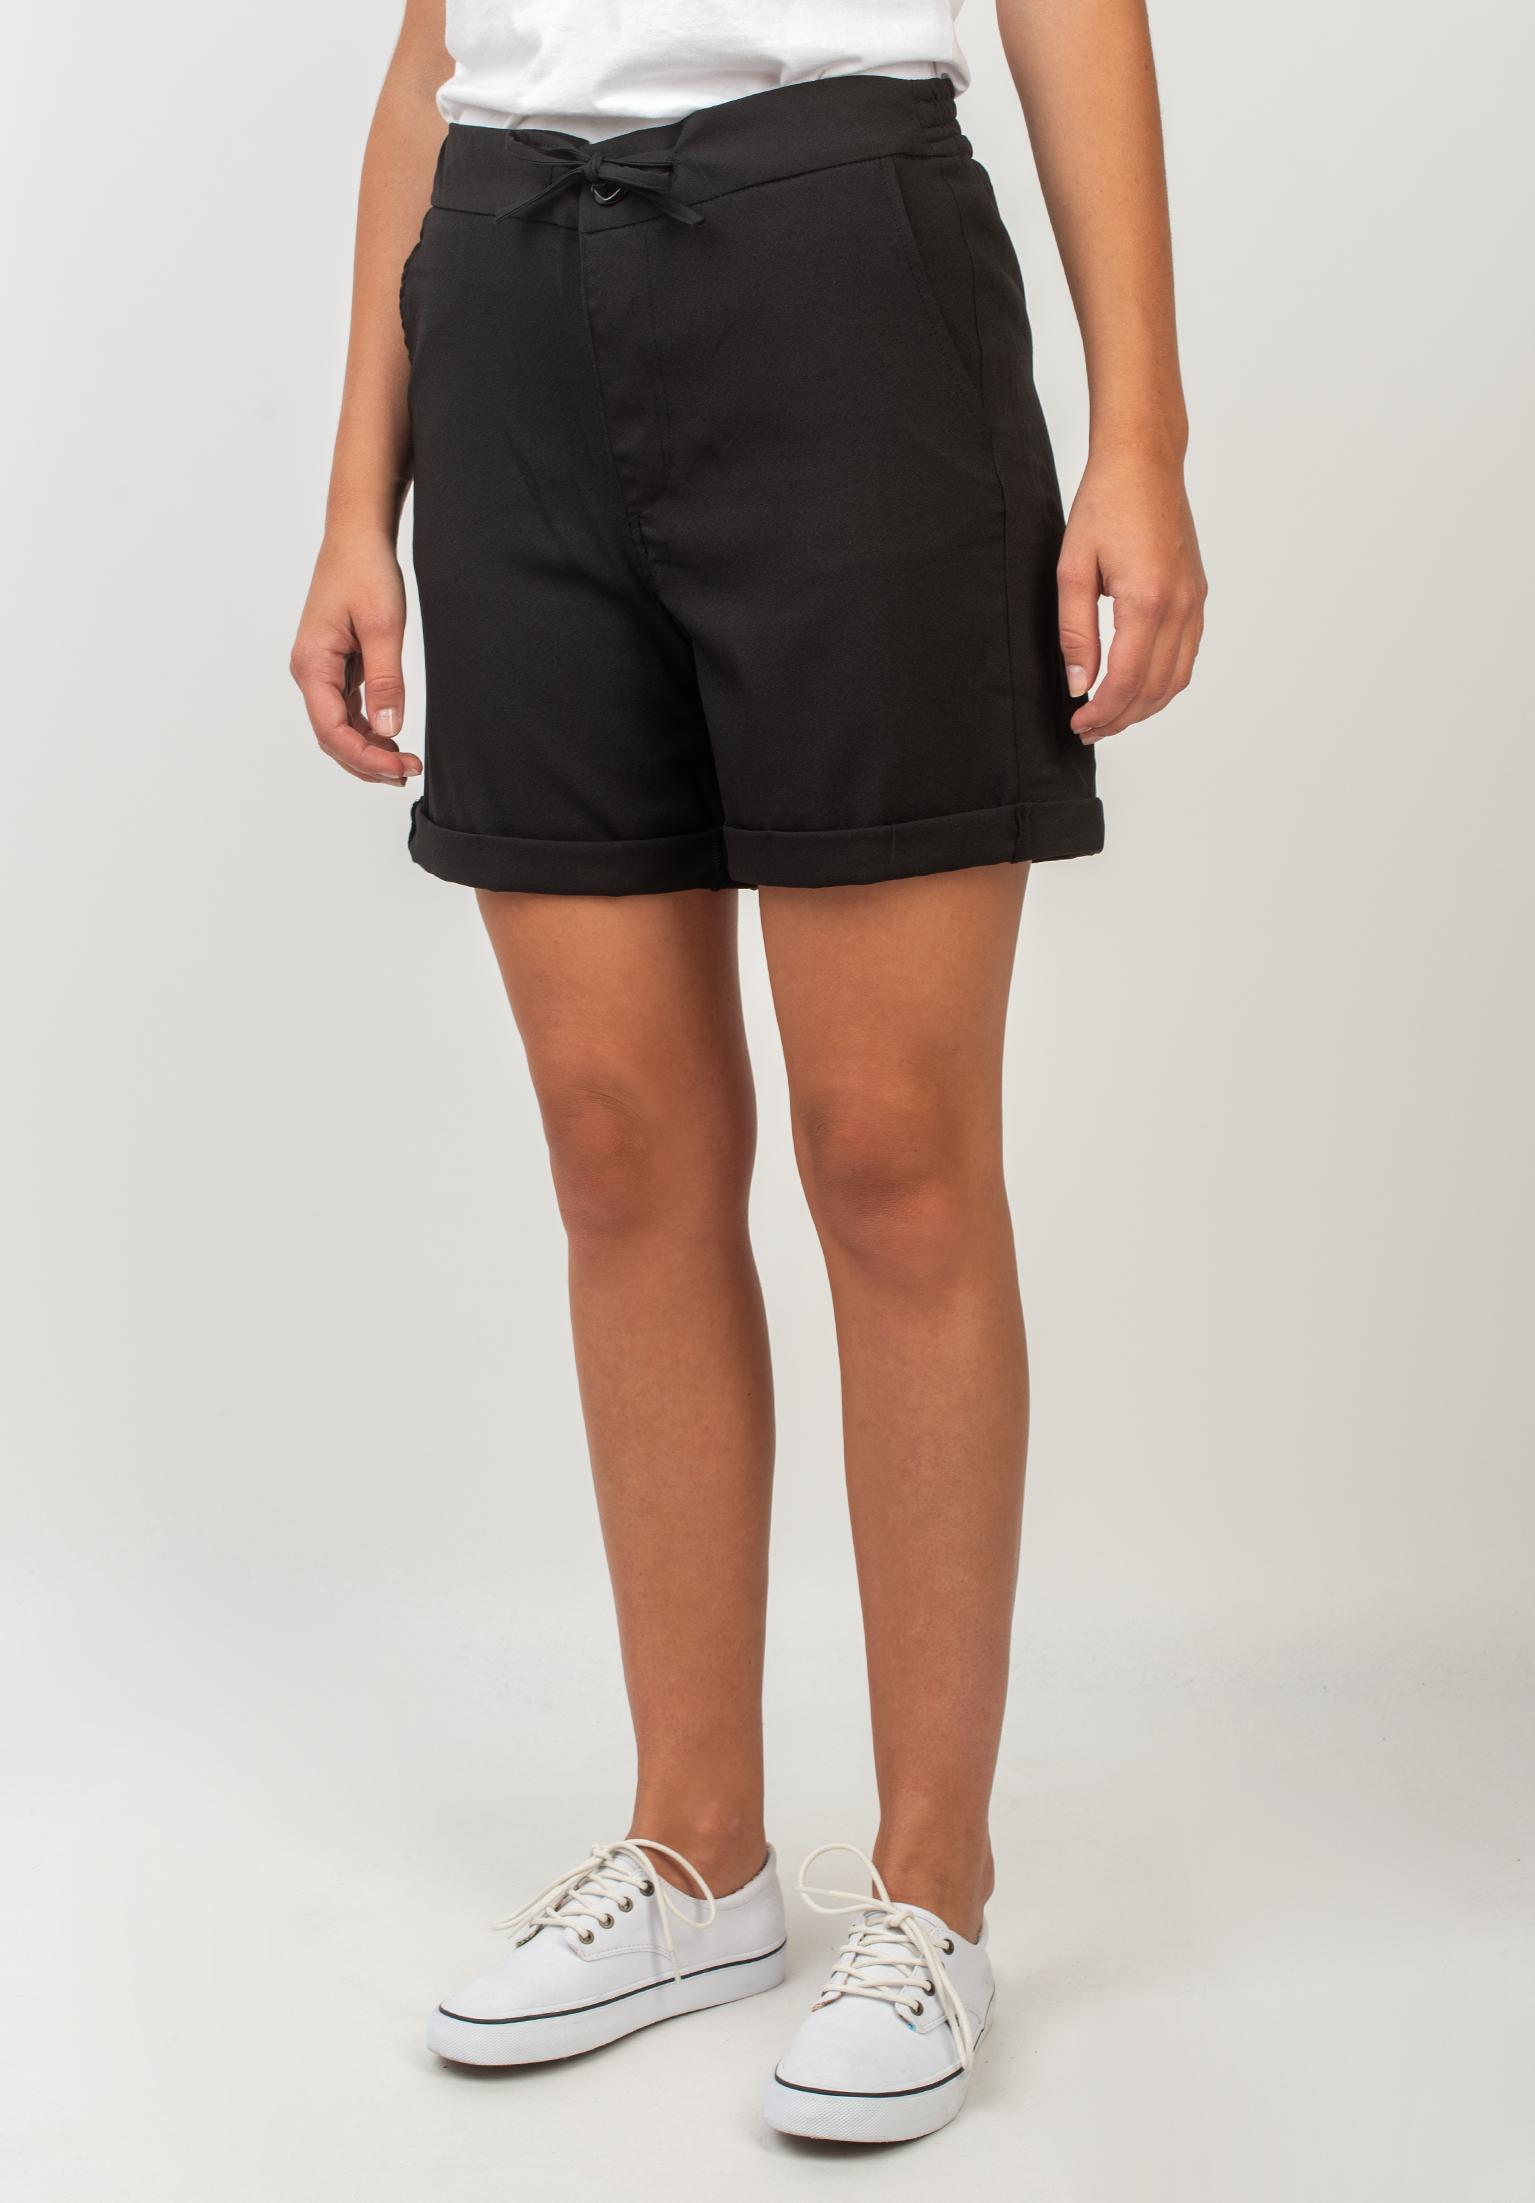 2e40cbb34edc2 Shorts für Mädels im Titus Onlineshop kaufen | Titus.de | Titus